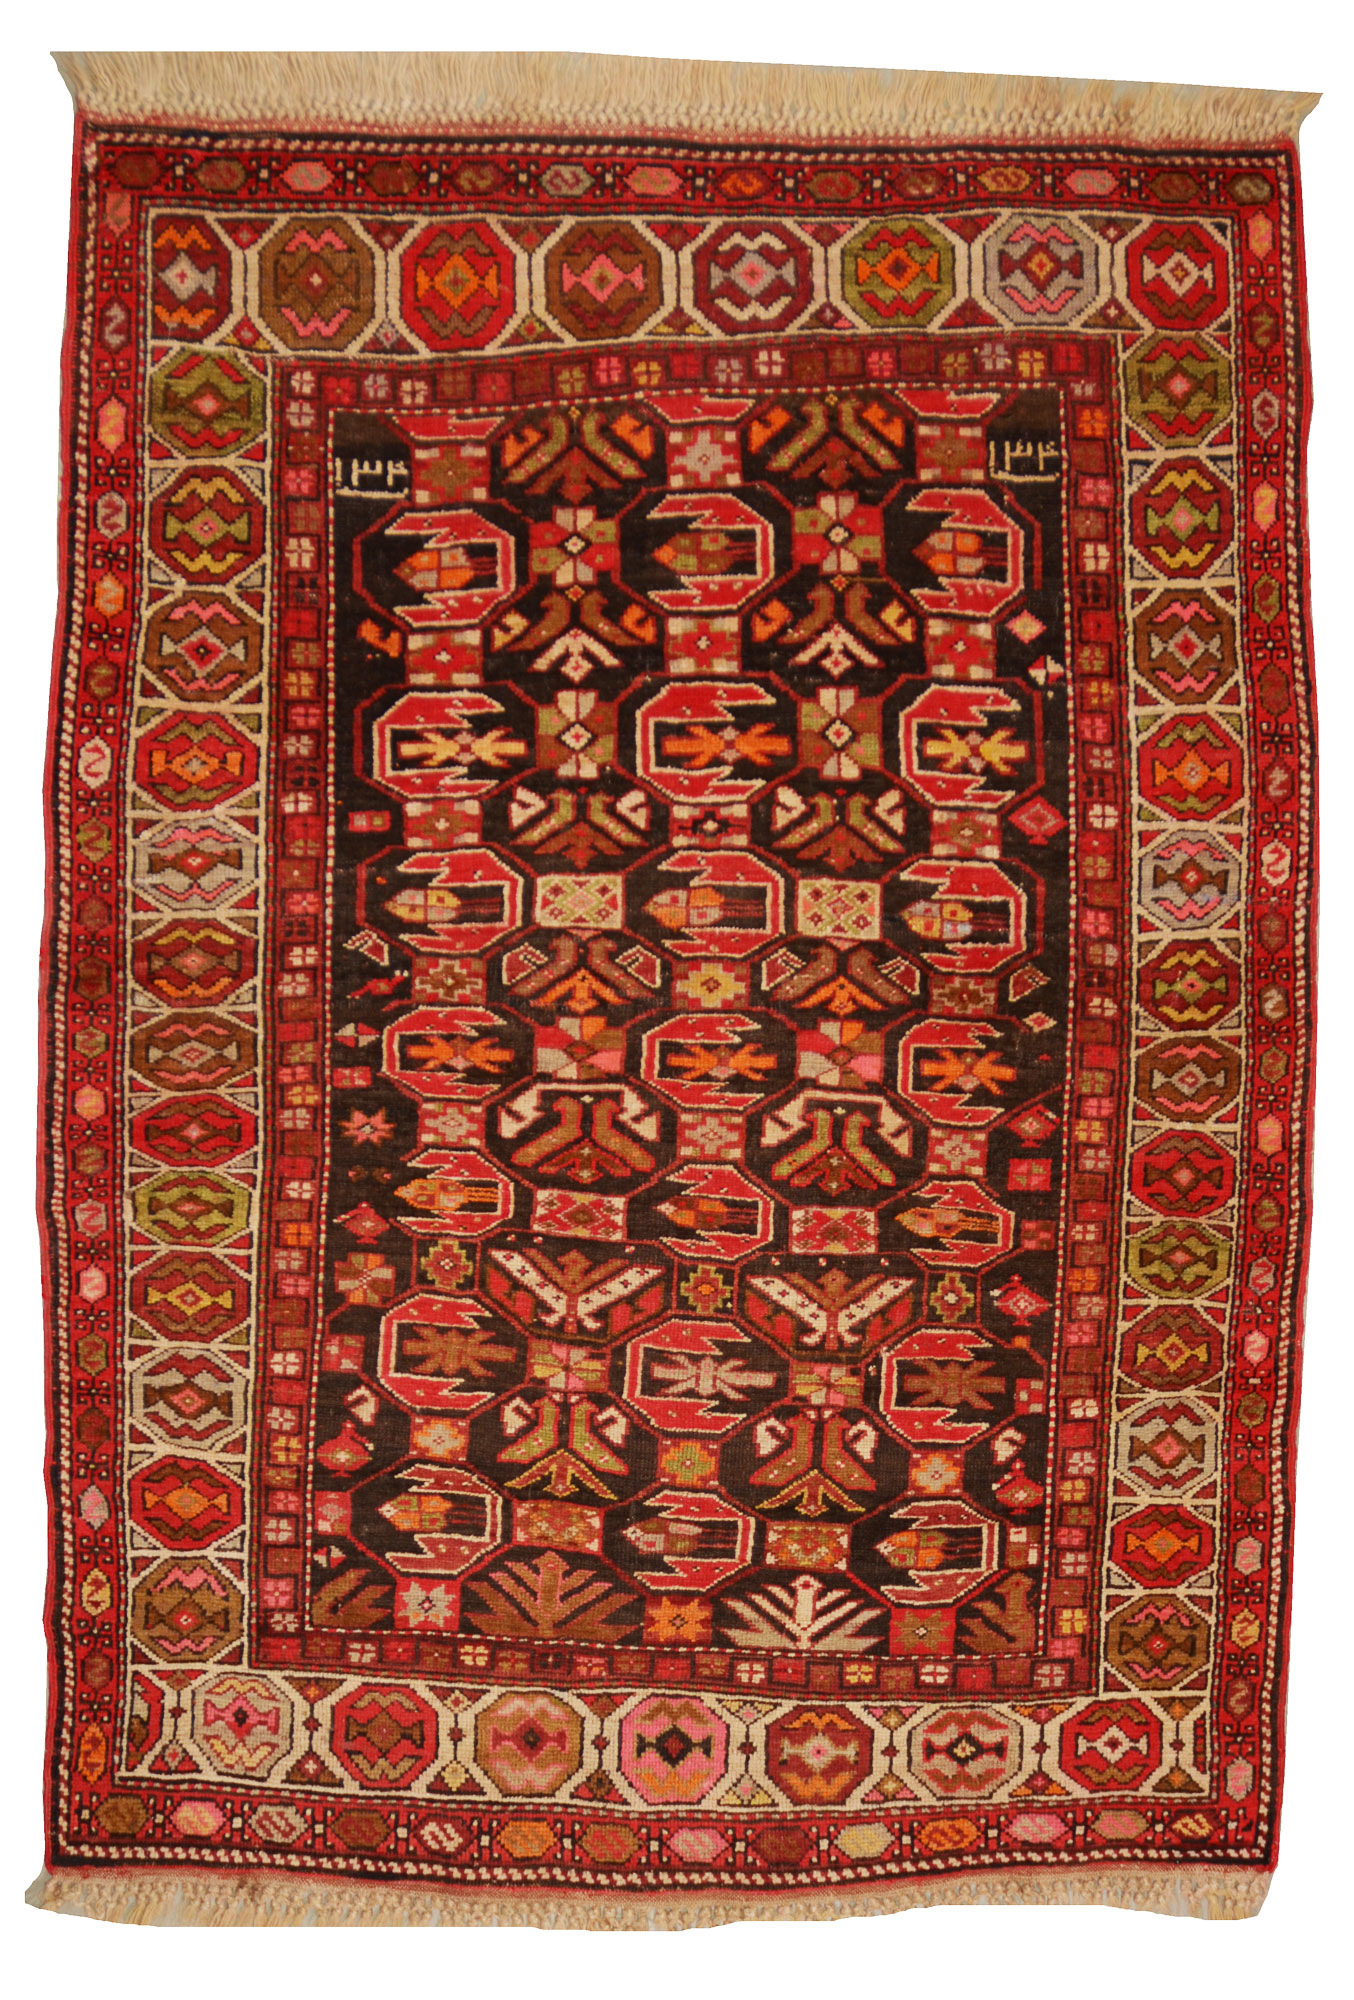 1503666907-teppiche-derbend-aus-russland.jpg